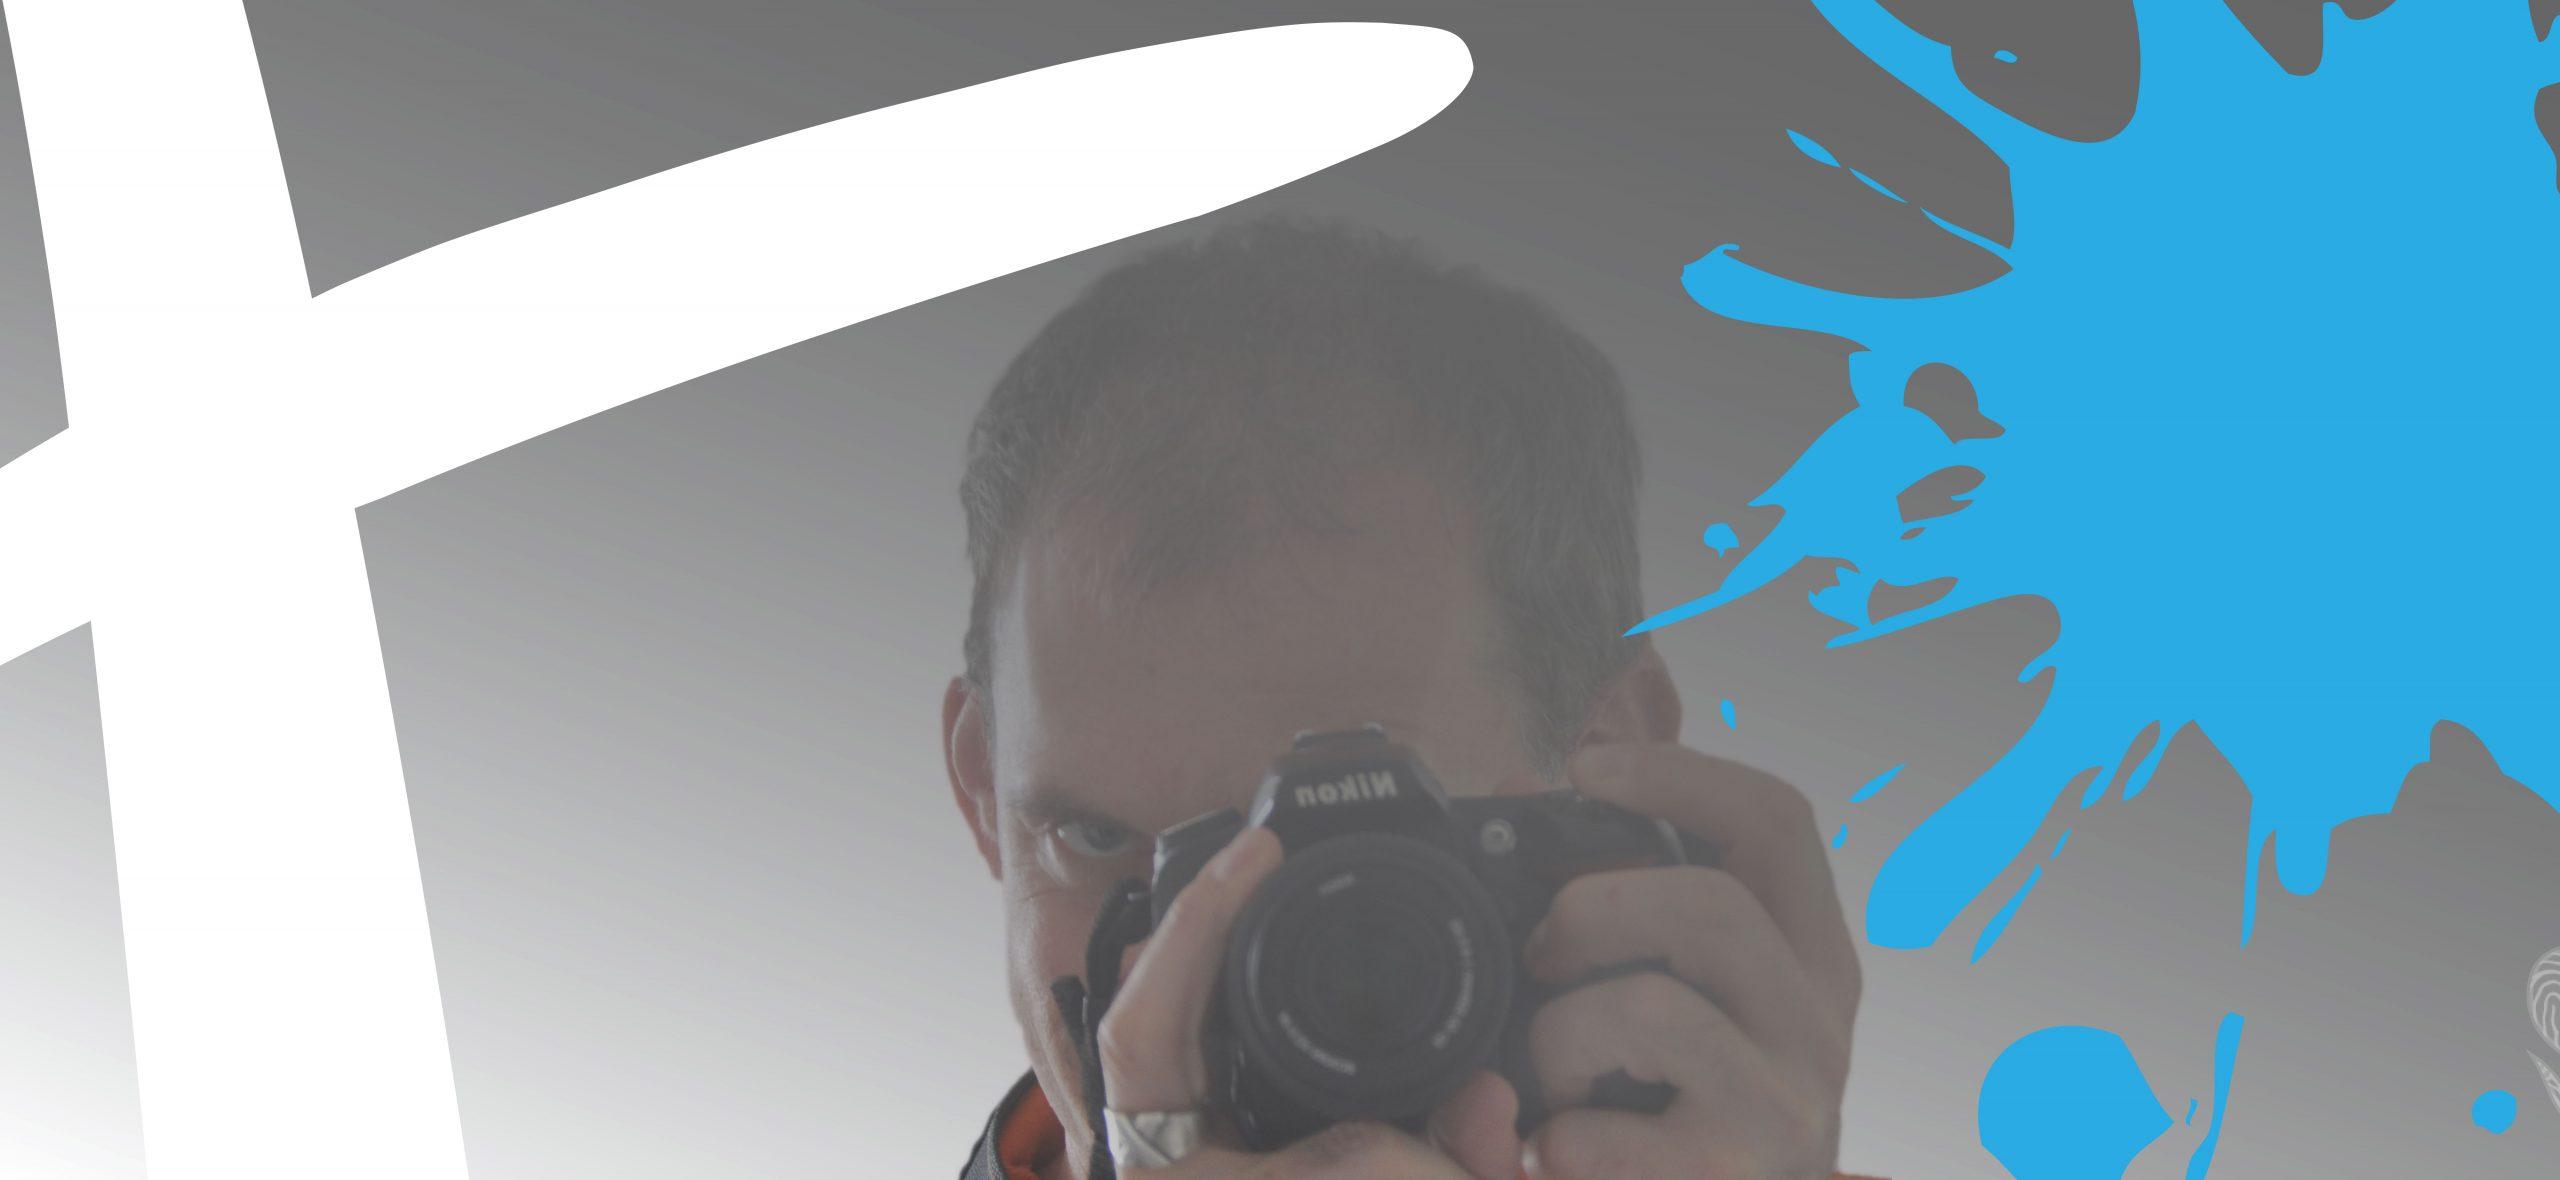 ART4U_photographie-AlexisLoriot_v2_Plan de travail 1